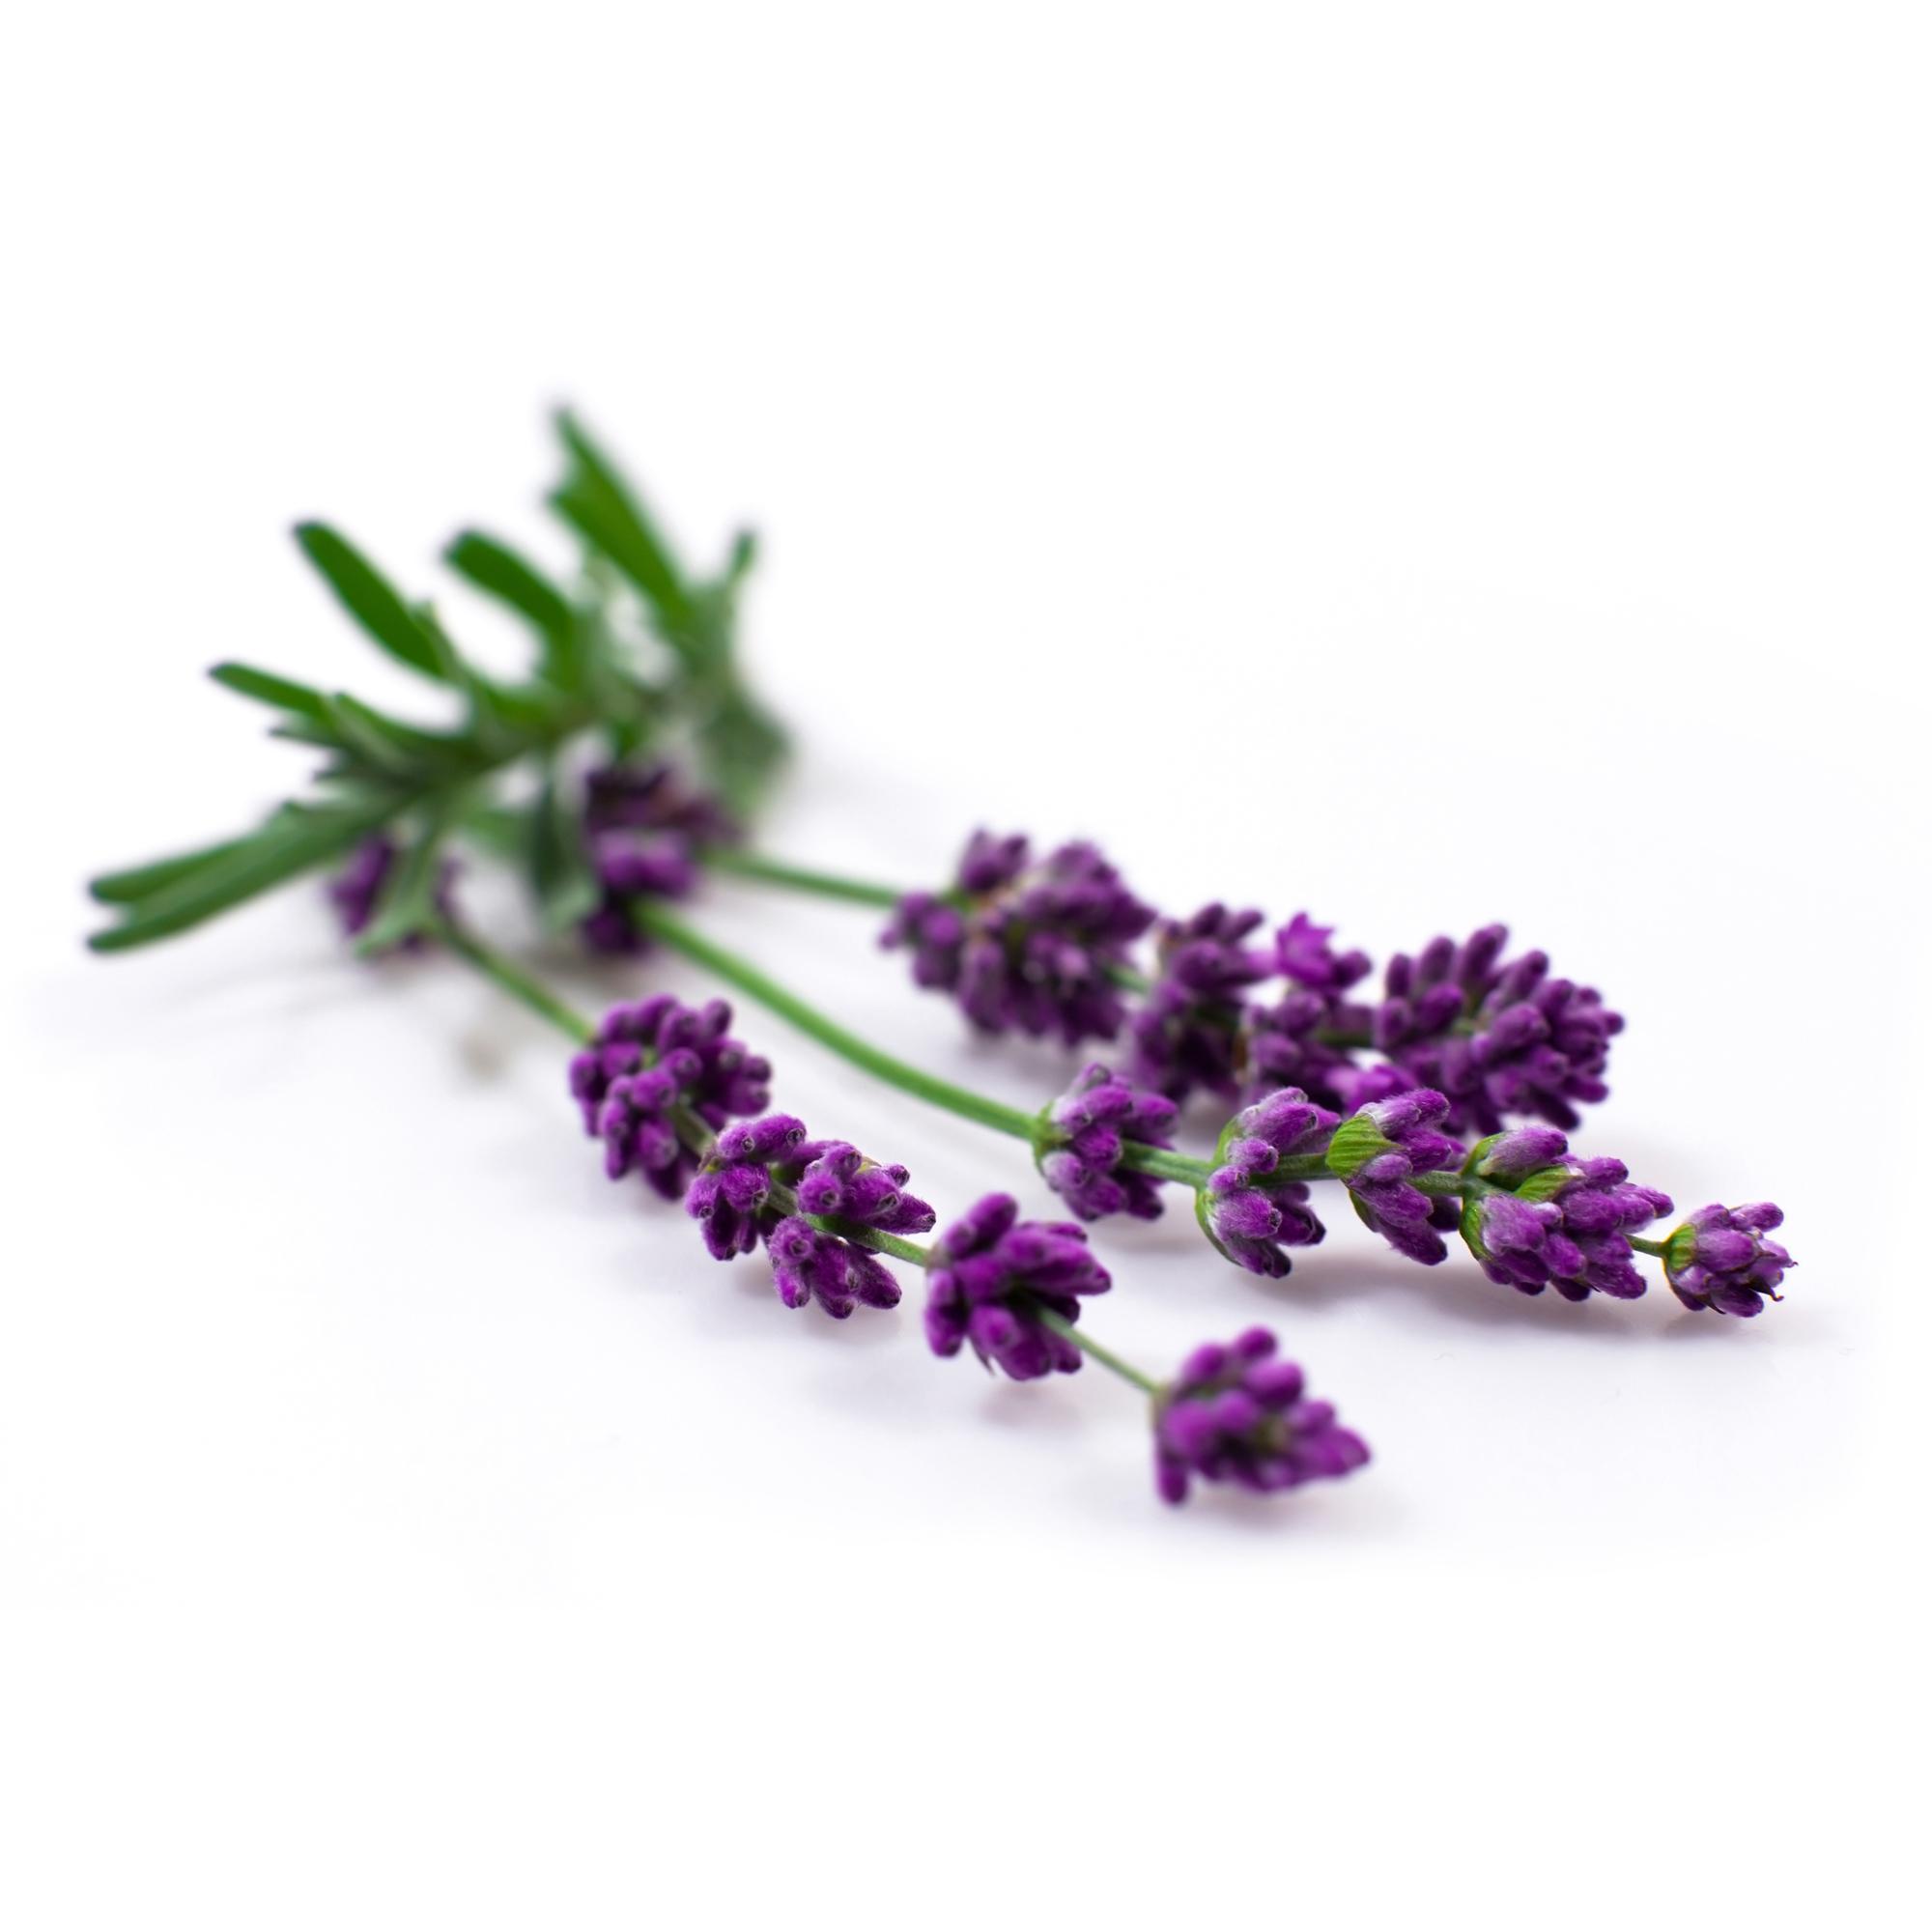 Bio Yogamatten-Reiniger - fresh lavender - 500 ml